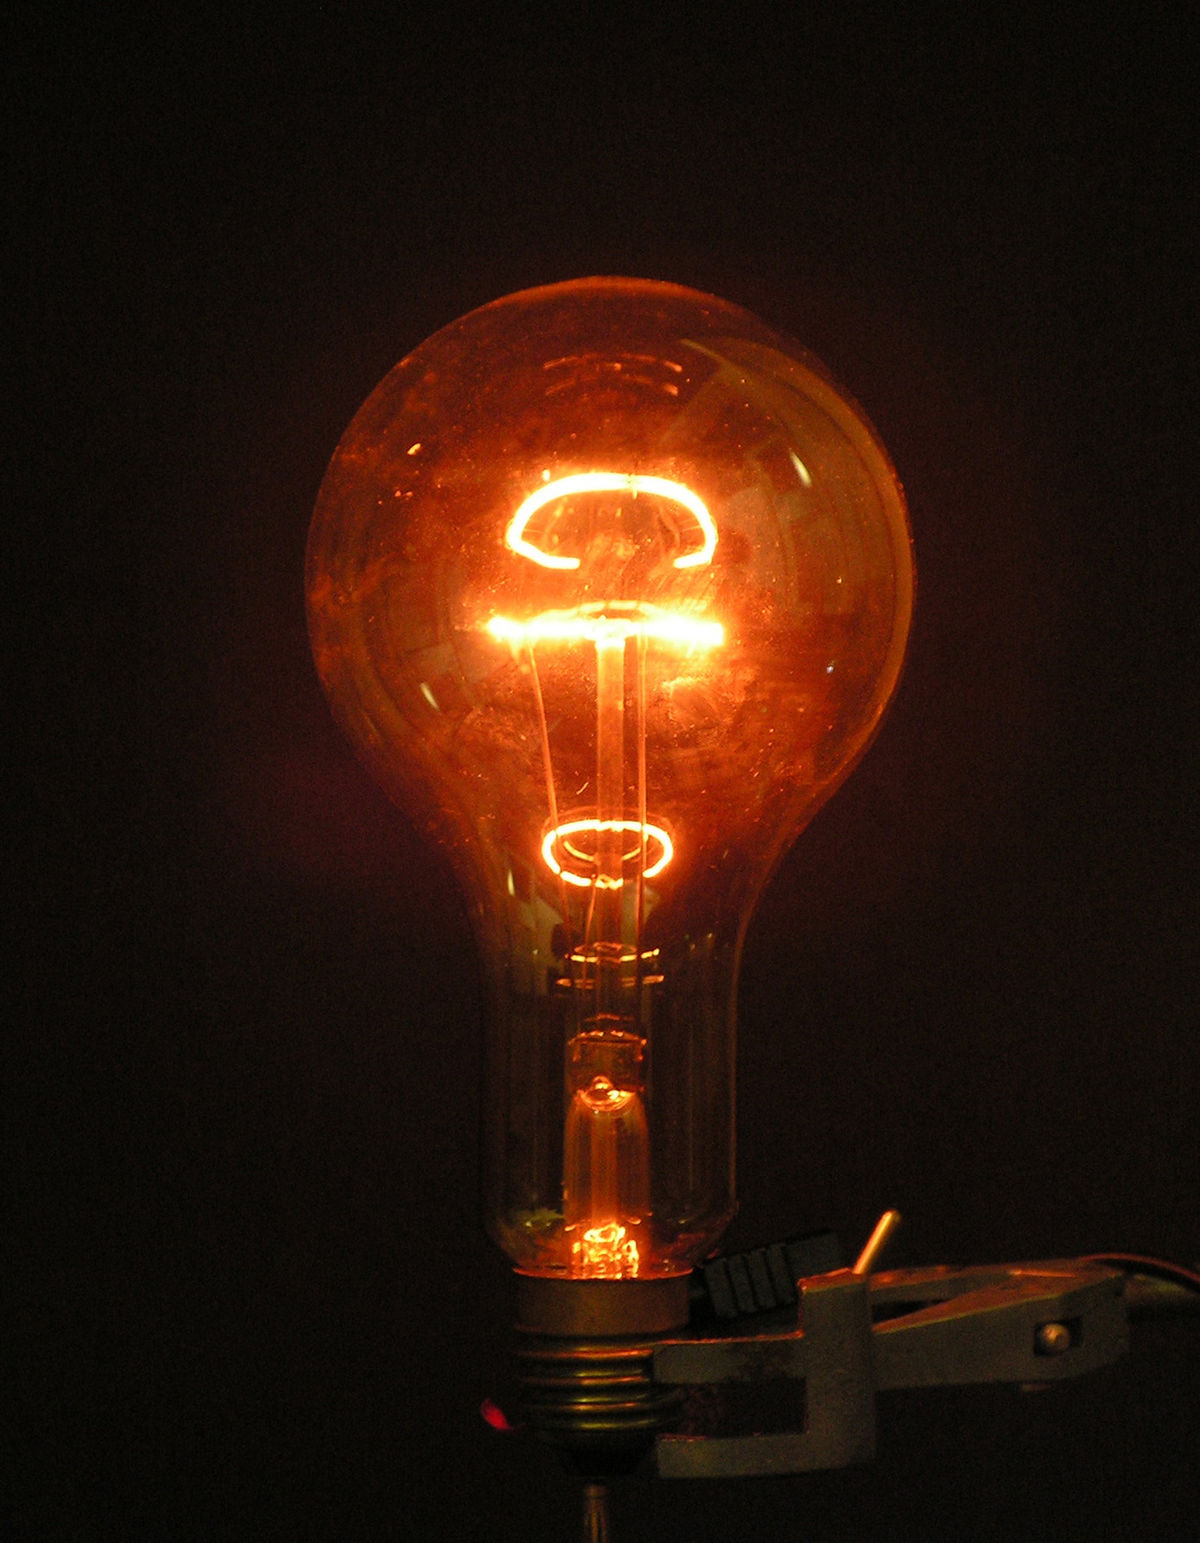 Lampe lectrique wikip dia - Lampe a incandescence classique ...